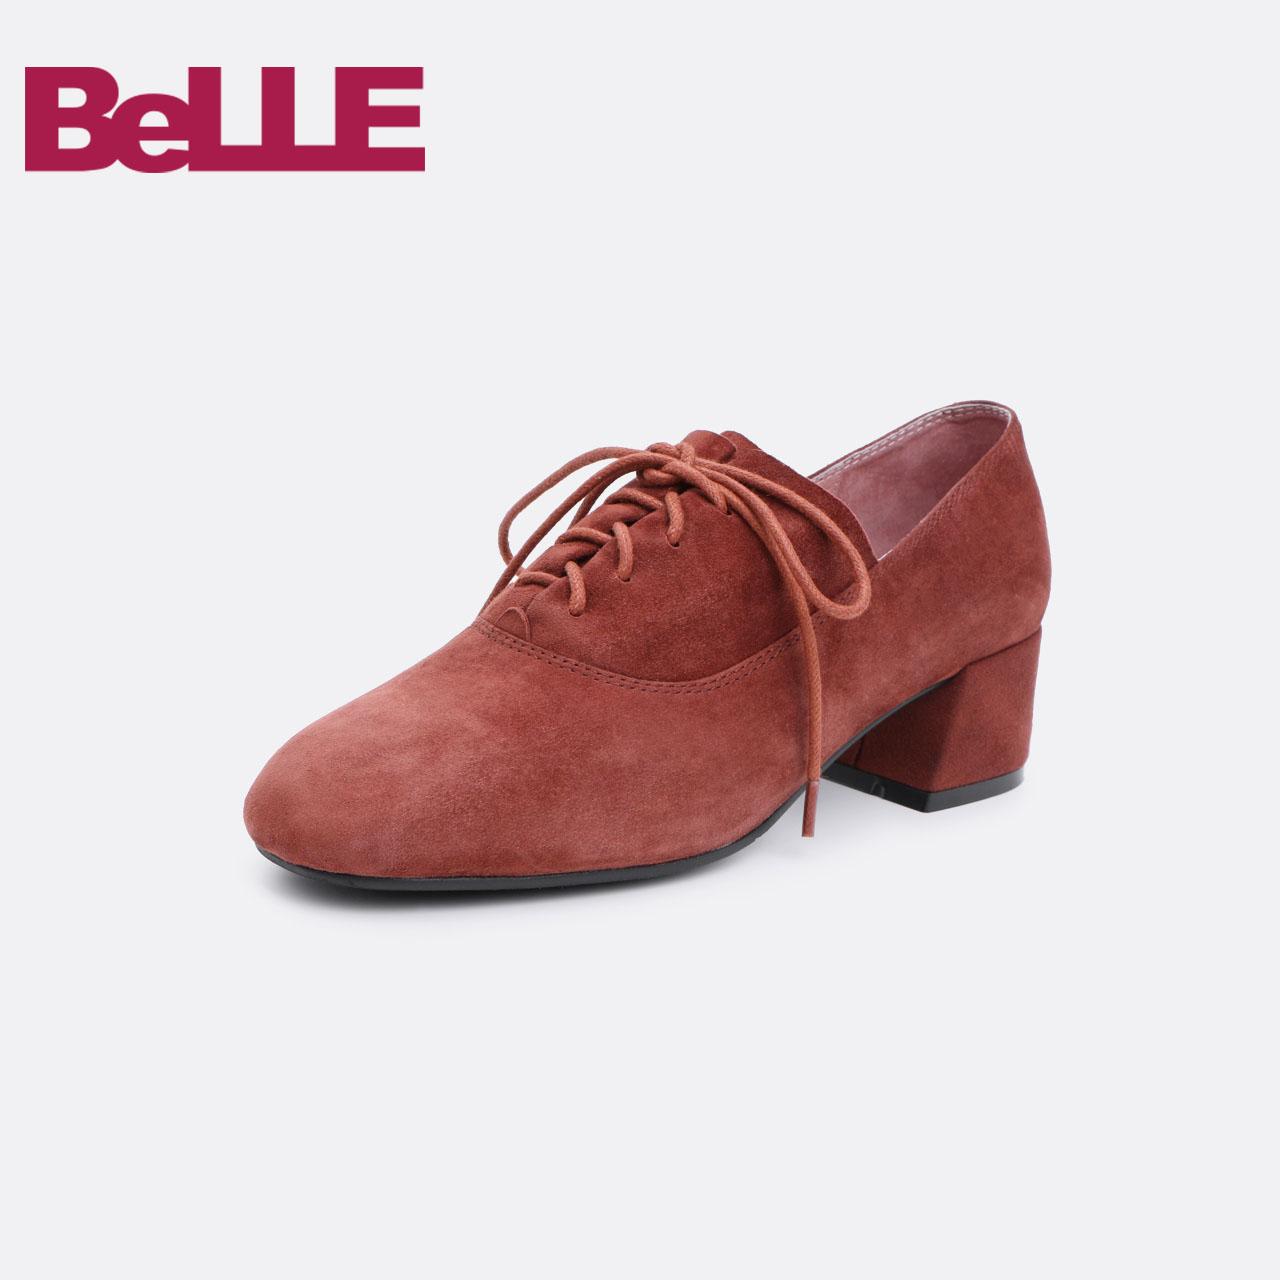 Belle-百丽2018秋商场同款羊绒皮粗跟系带休闲女皮鞋S9J1DCM8